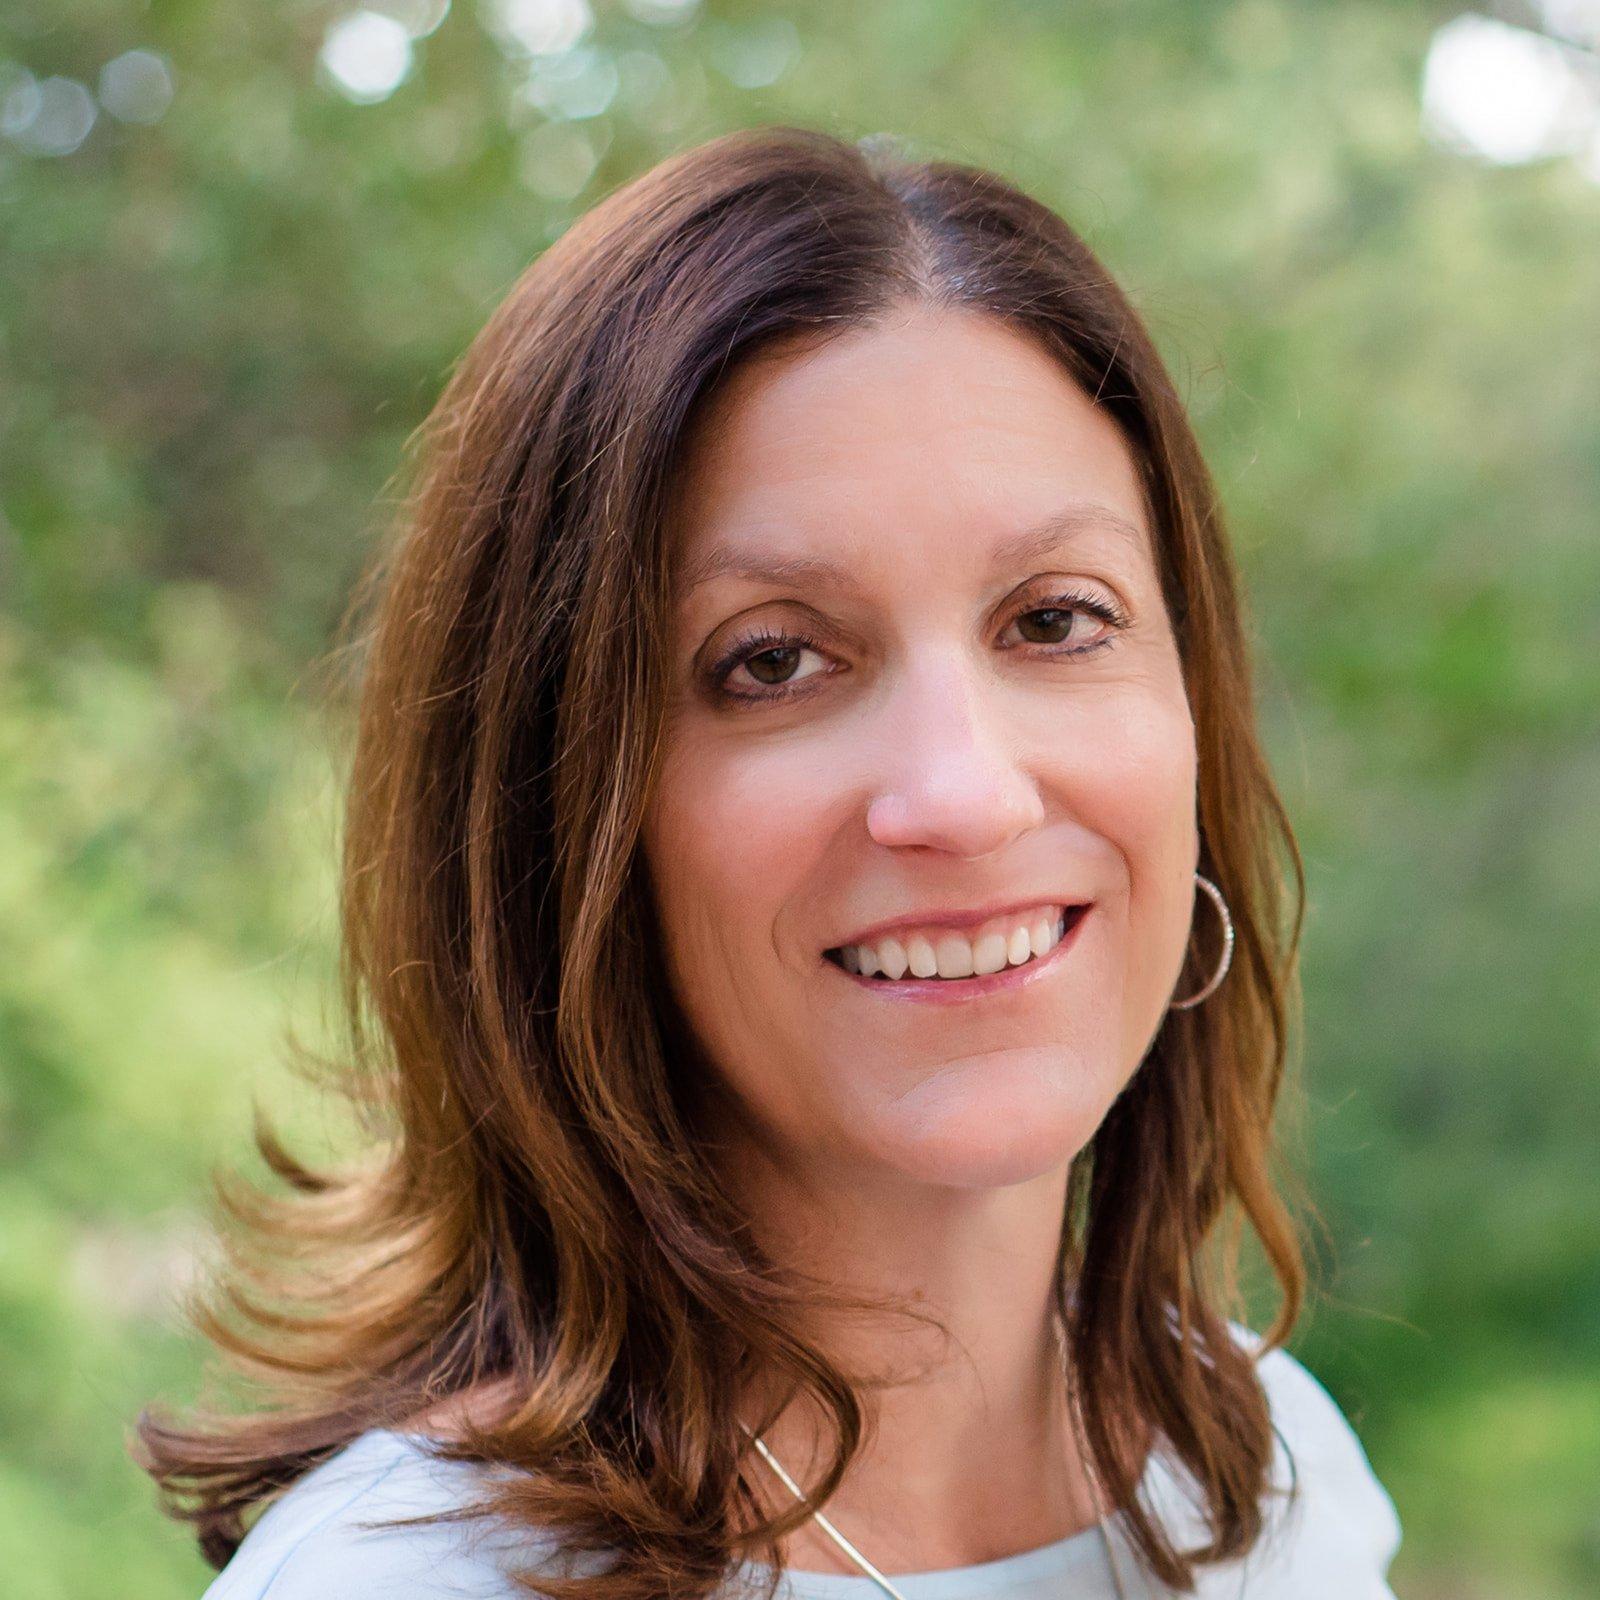 Jennifer Bielat